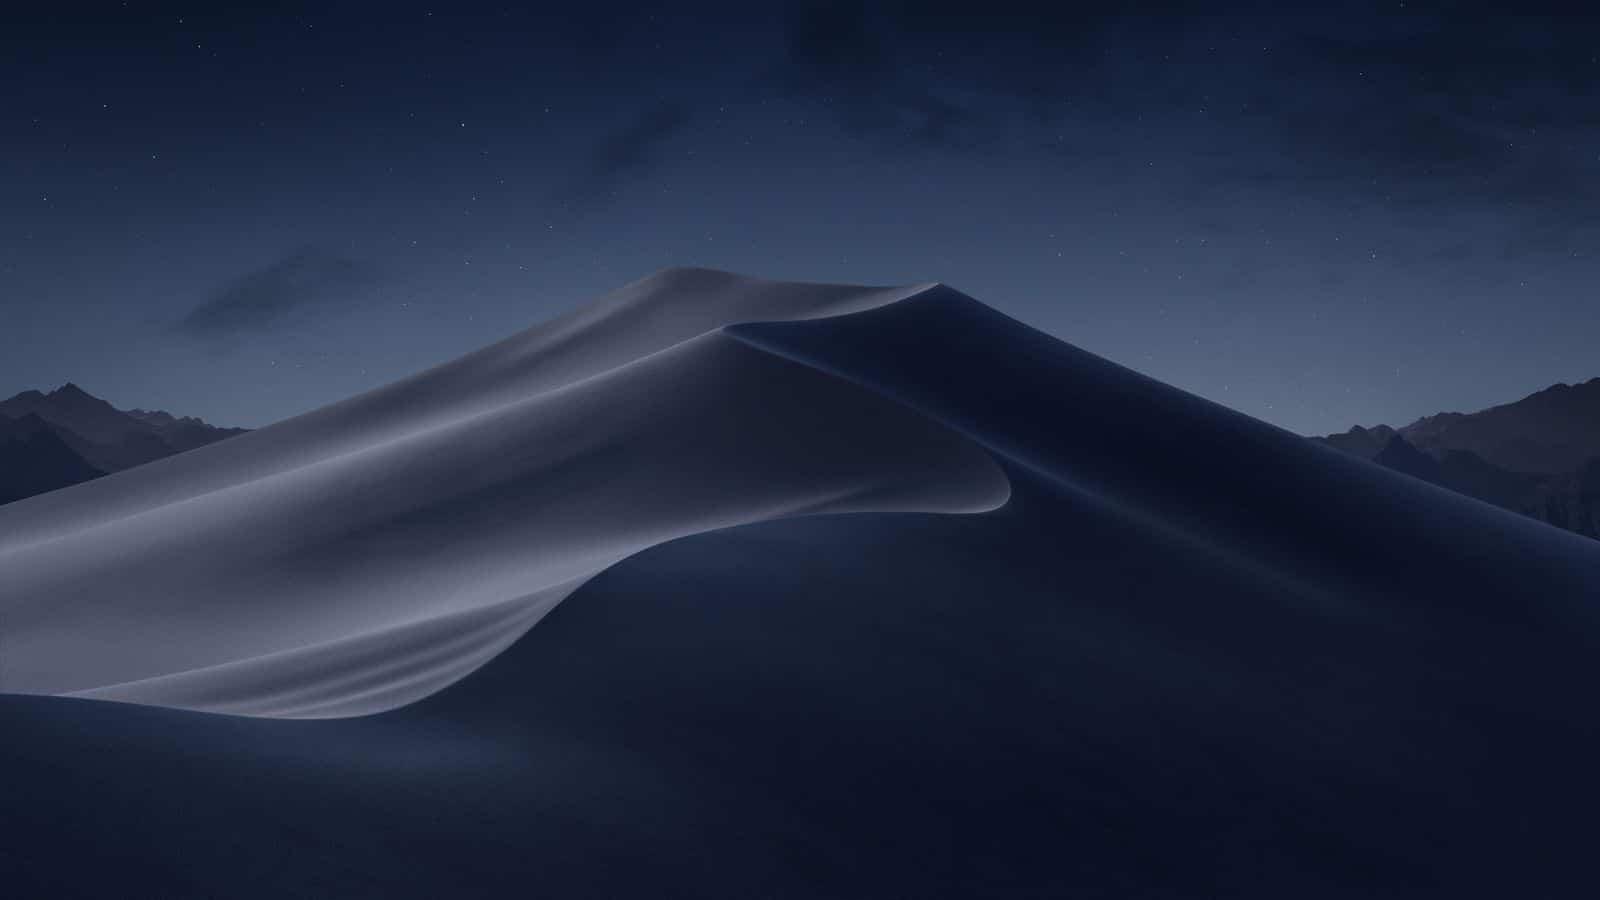 ¿Qué trae de nuevo macOS Mojave?